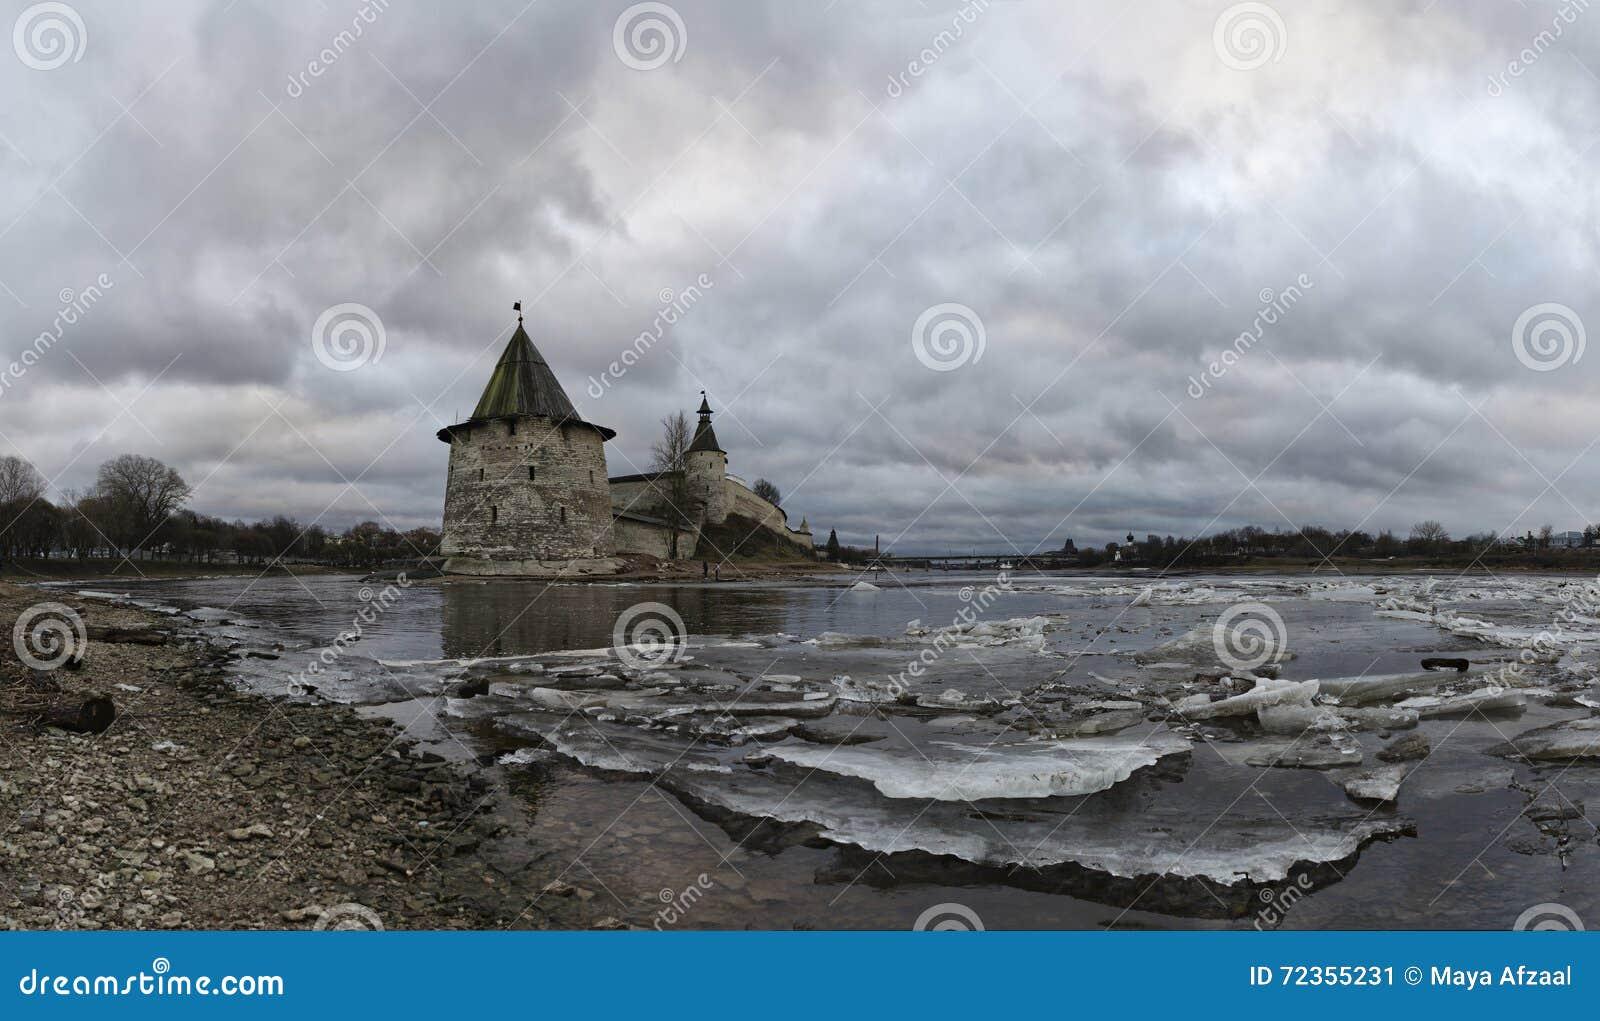 河岸的古老堡垒 俄国 克里姆林宫普斯克夫